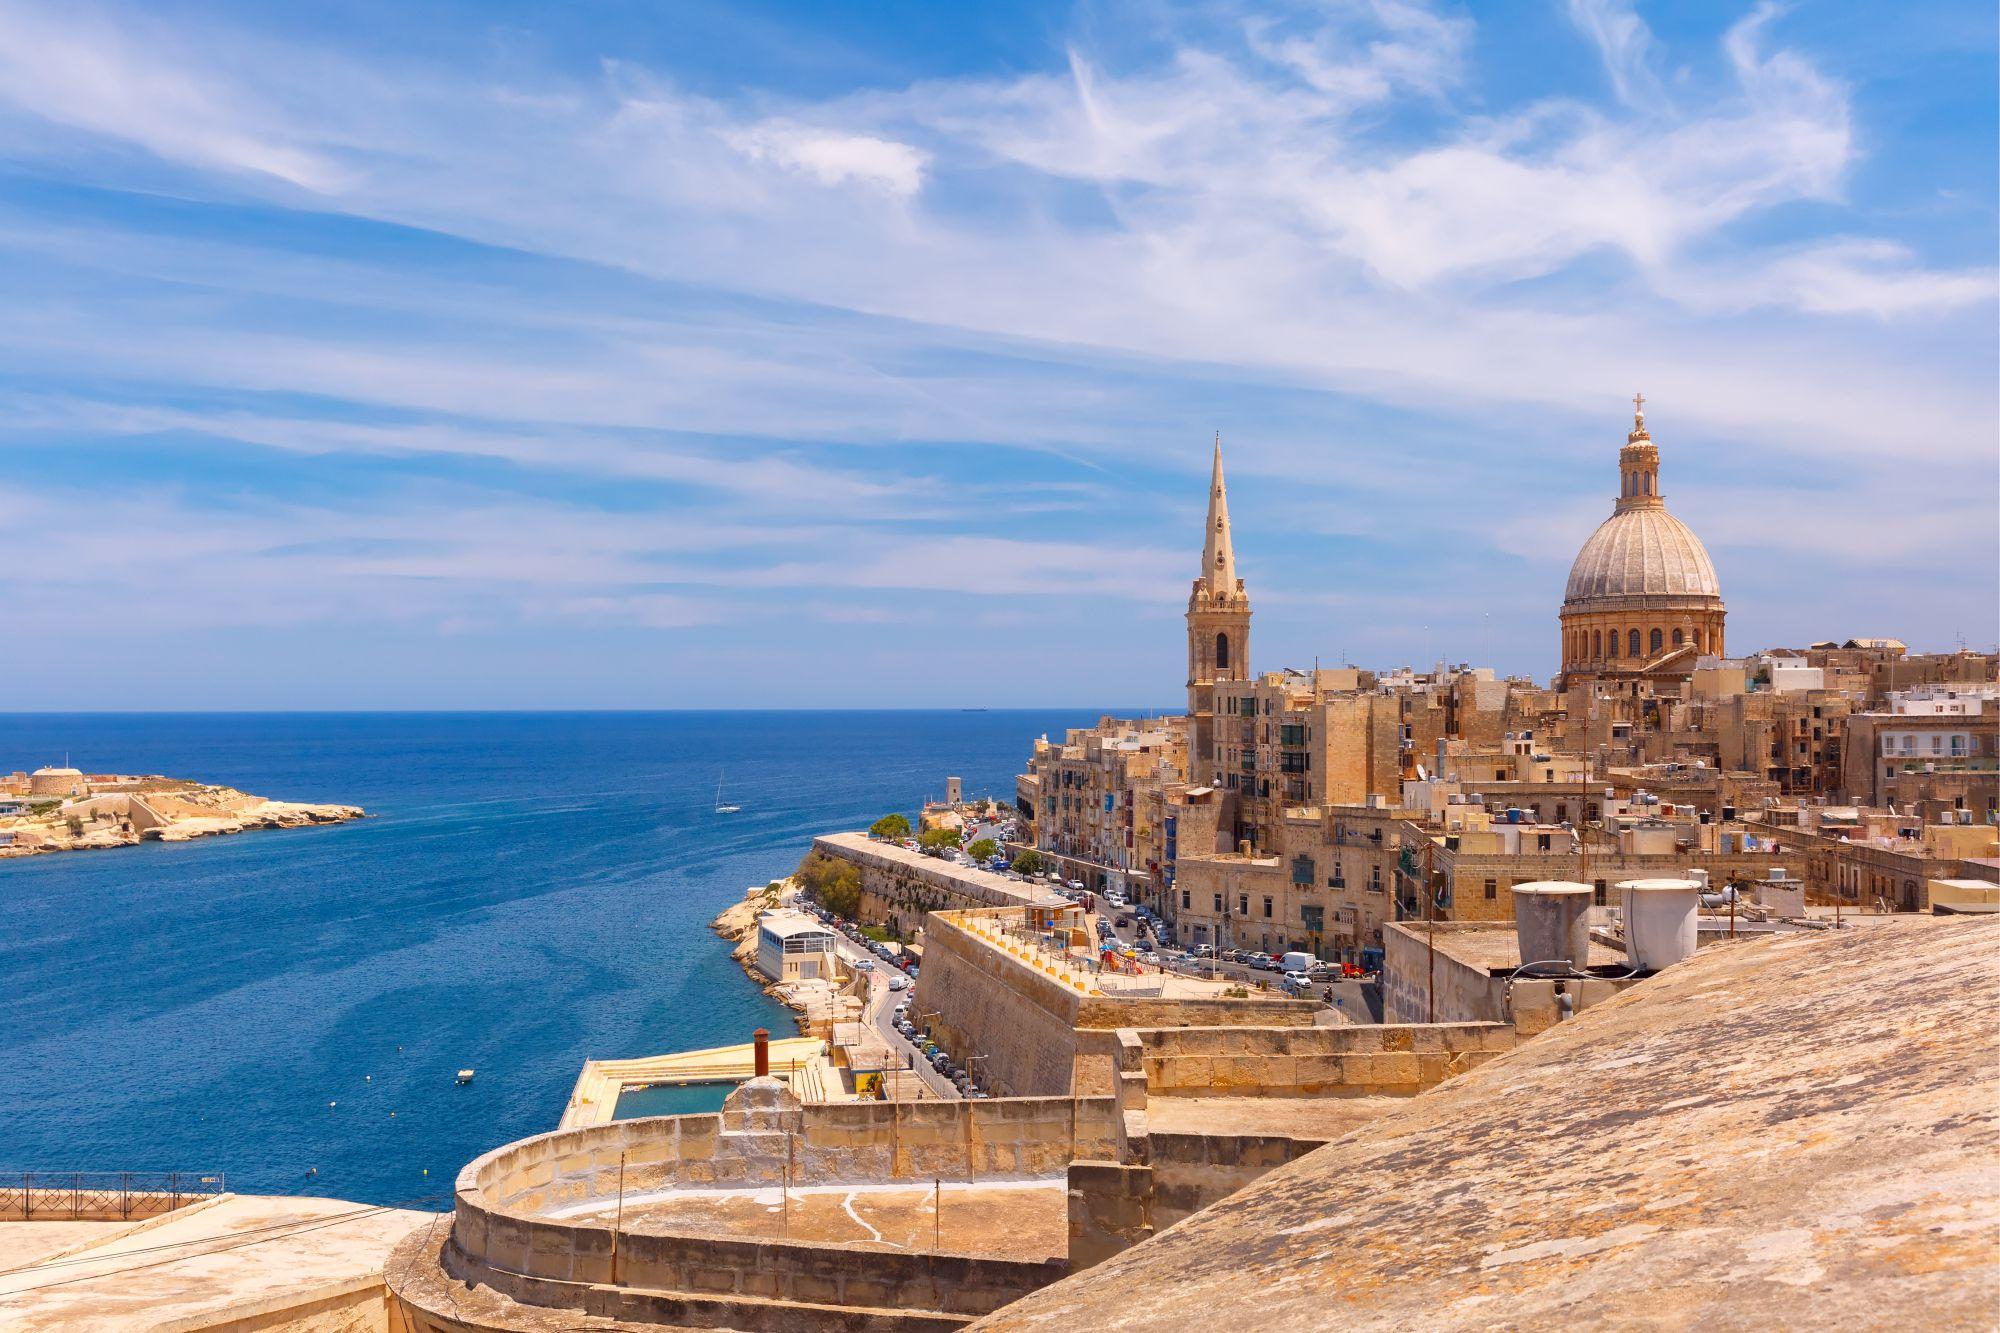 Malta widok morza